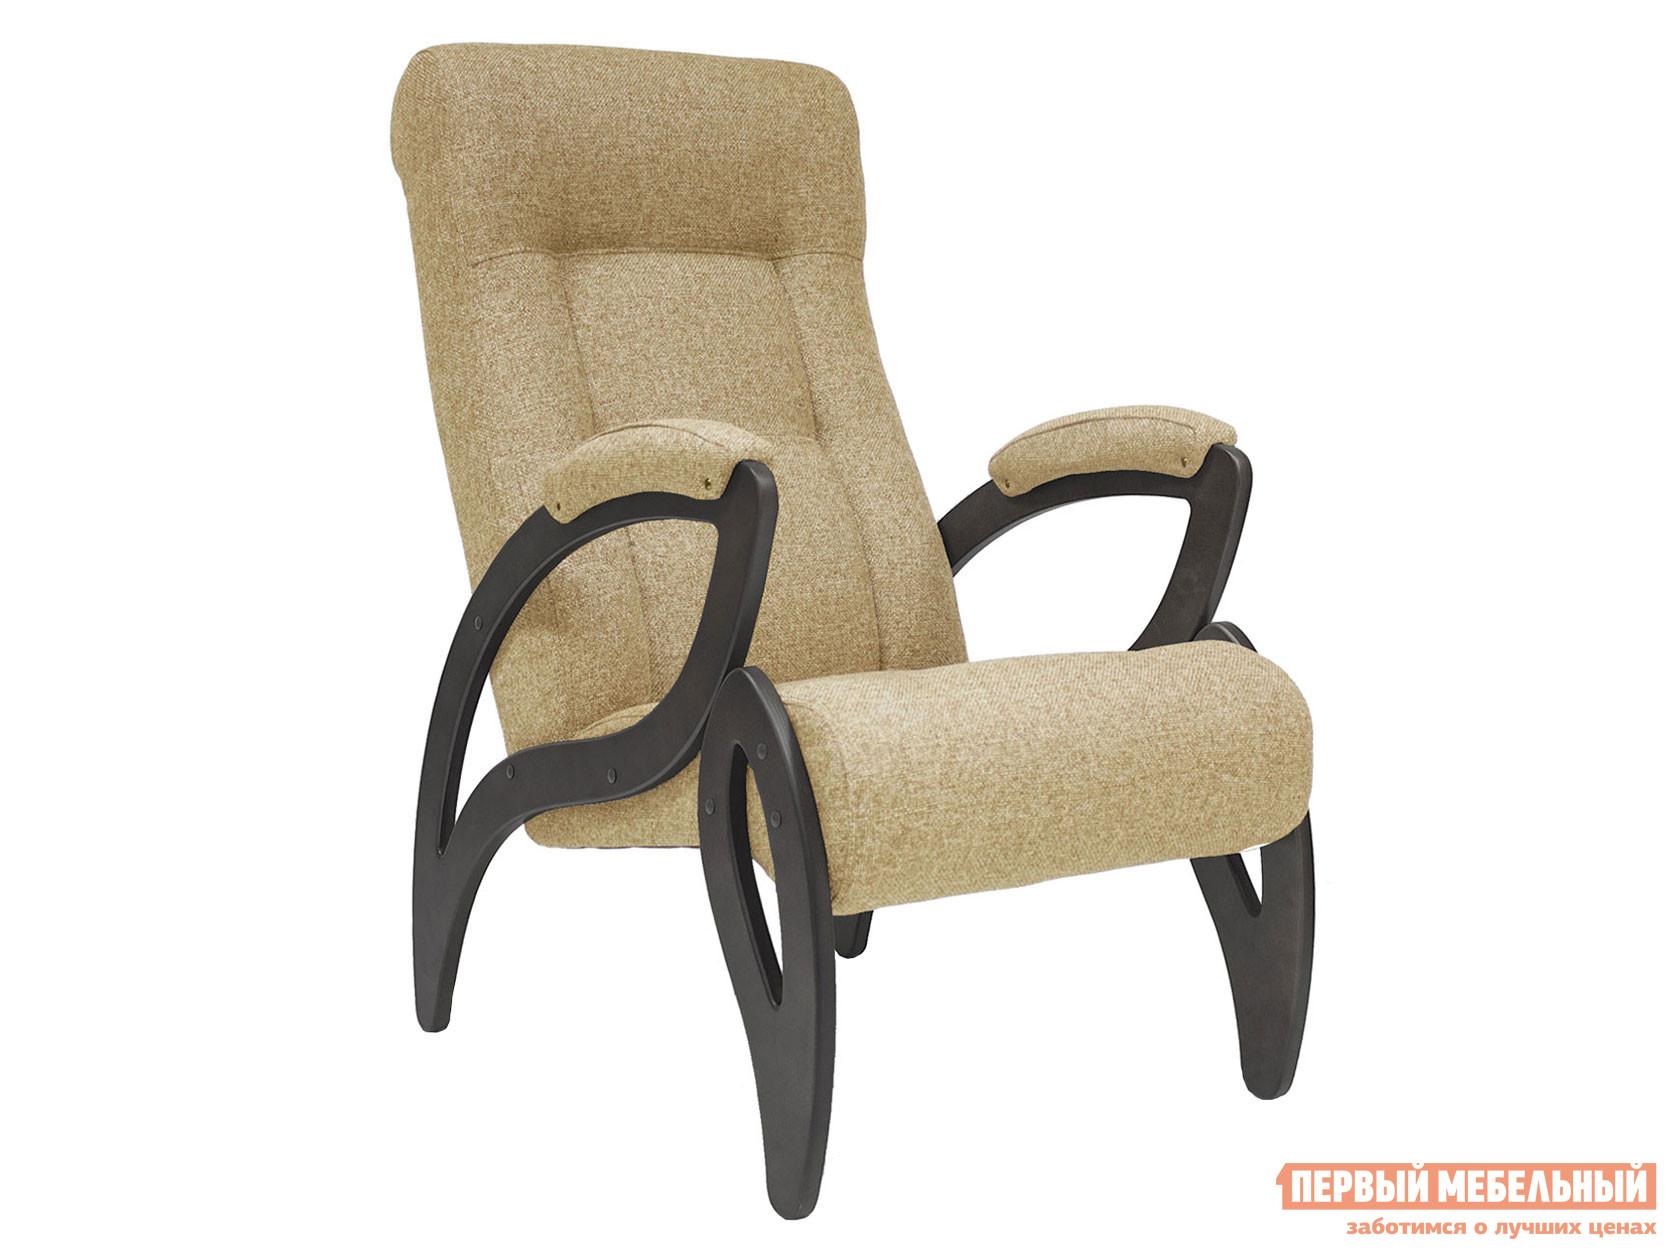 Кресло  для отдыха Комфорт Модель 51 Венге, Malta 03А, рогожка Мебель Импэкс 78621